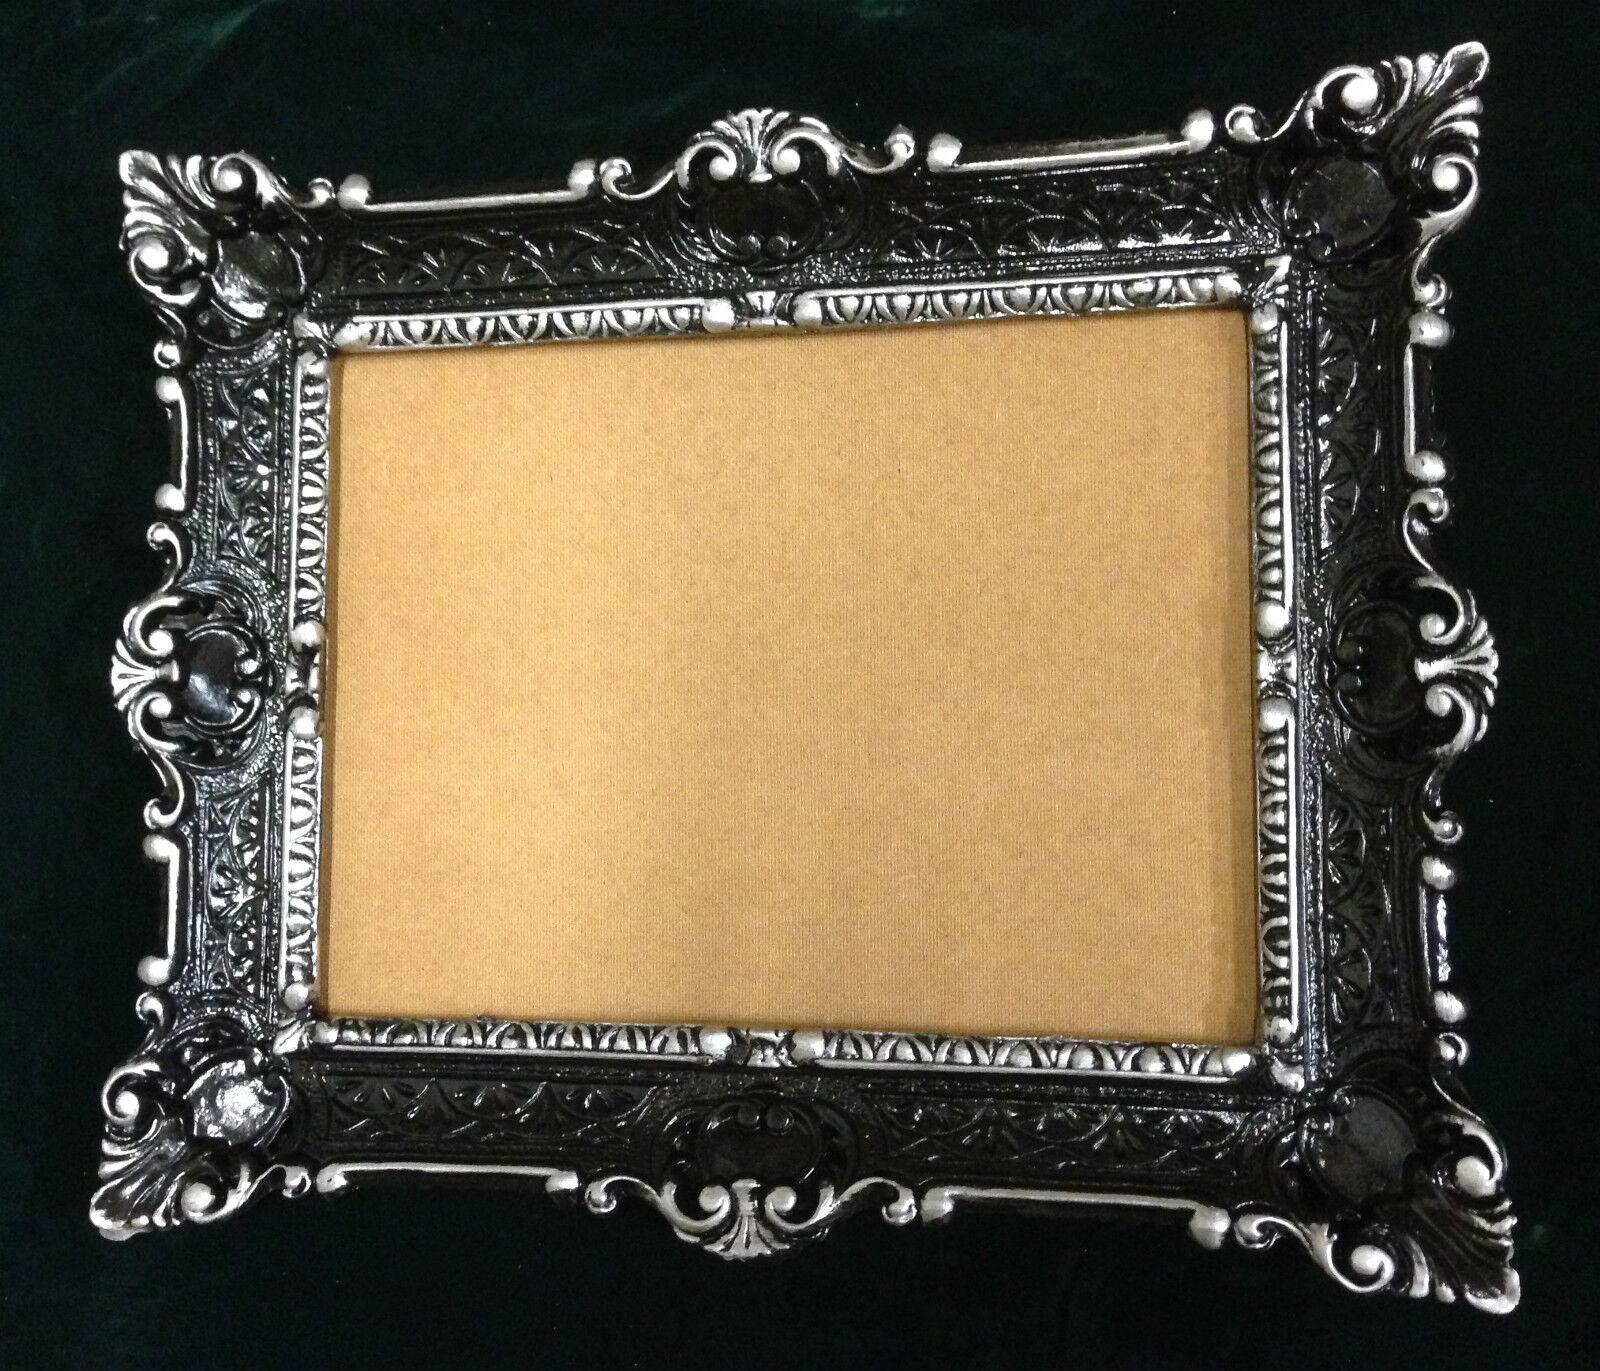 bilderrahmen schwarz-silber antik rechteckig 56x46 barock 30x40 mit